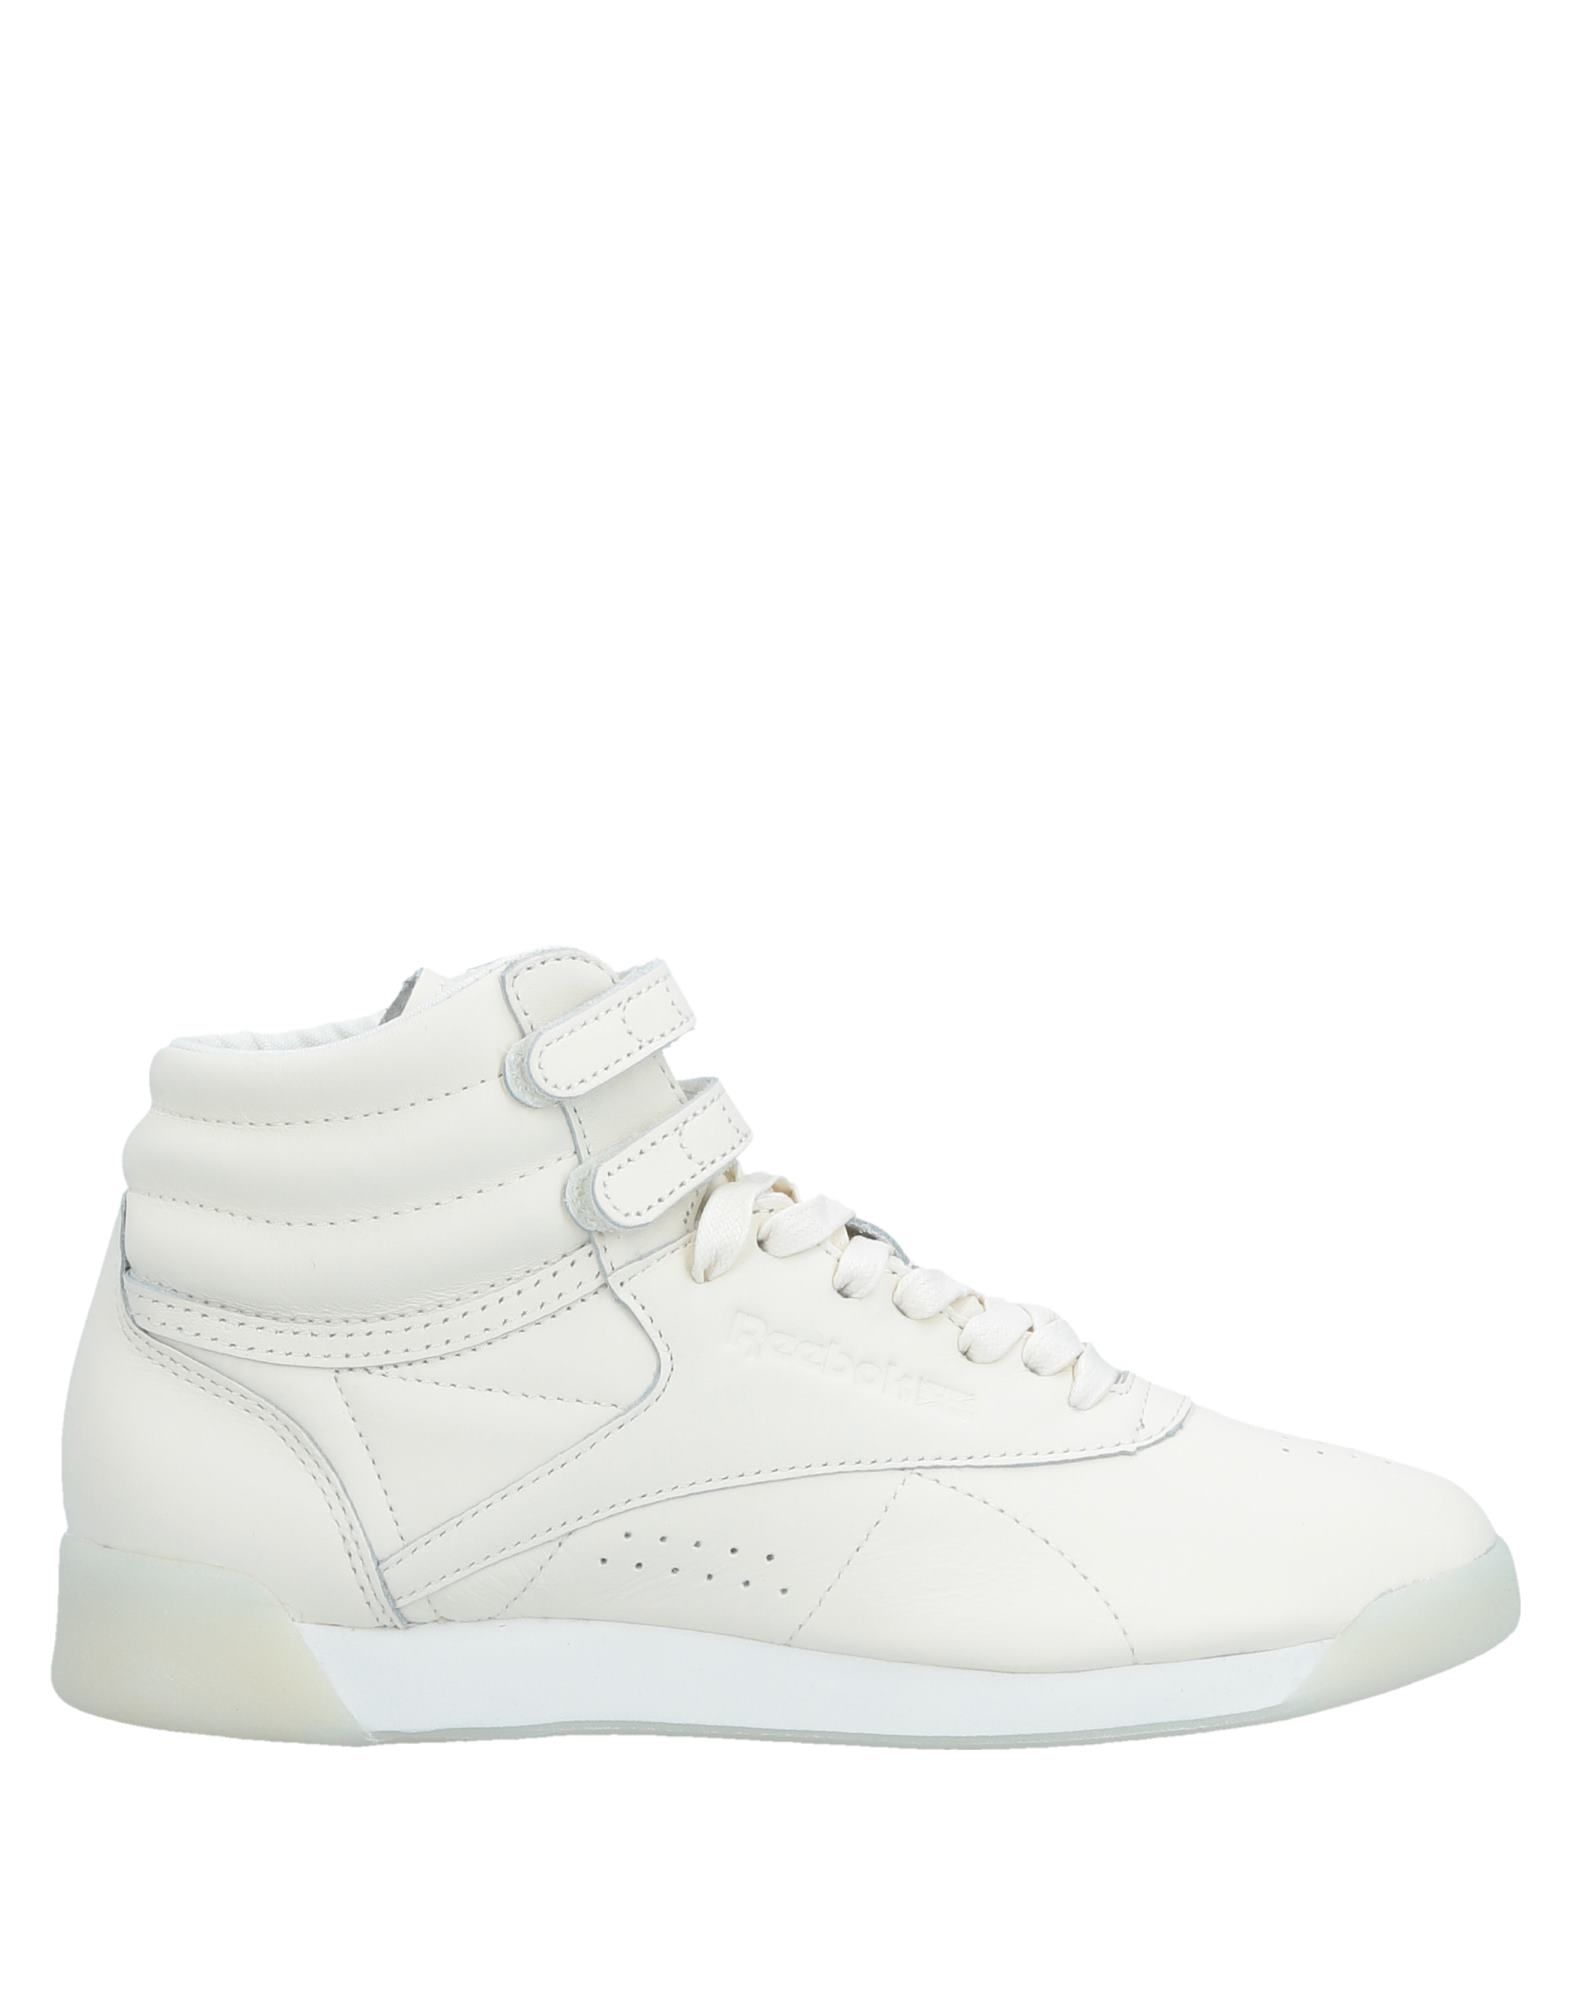 Reebok Sneakers Damen  11521097CN Gute Qualität beliebte Schuhe